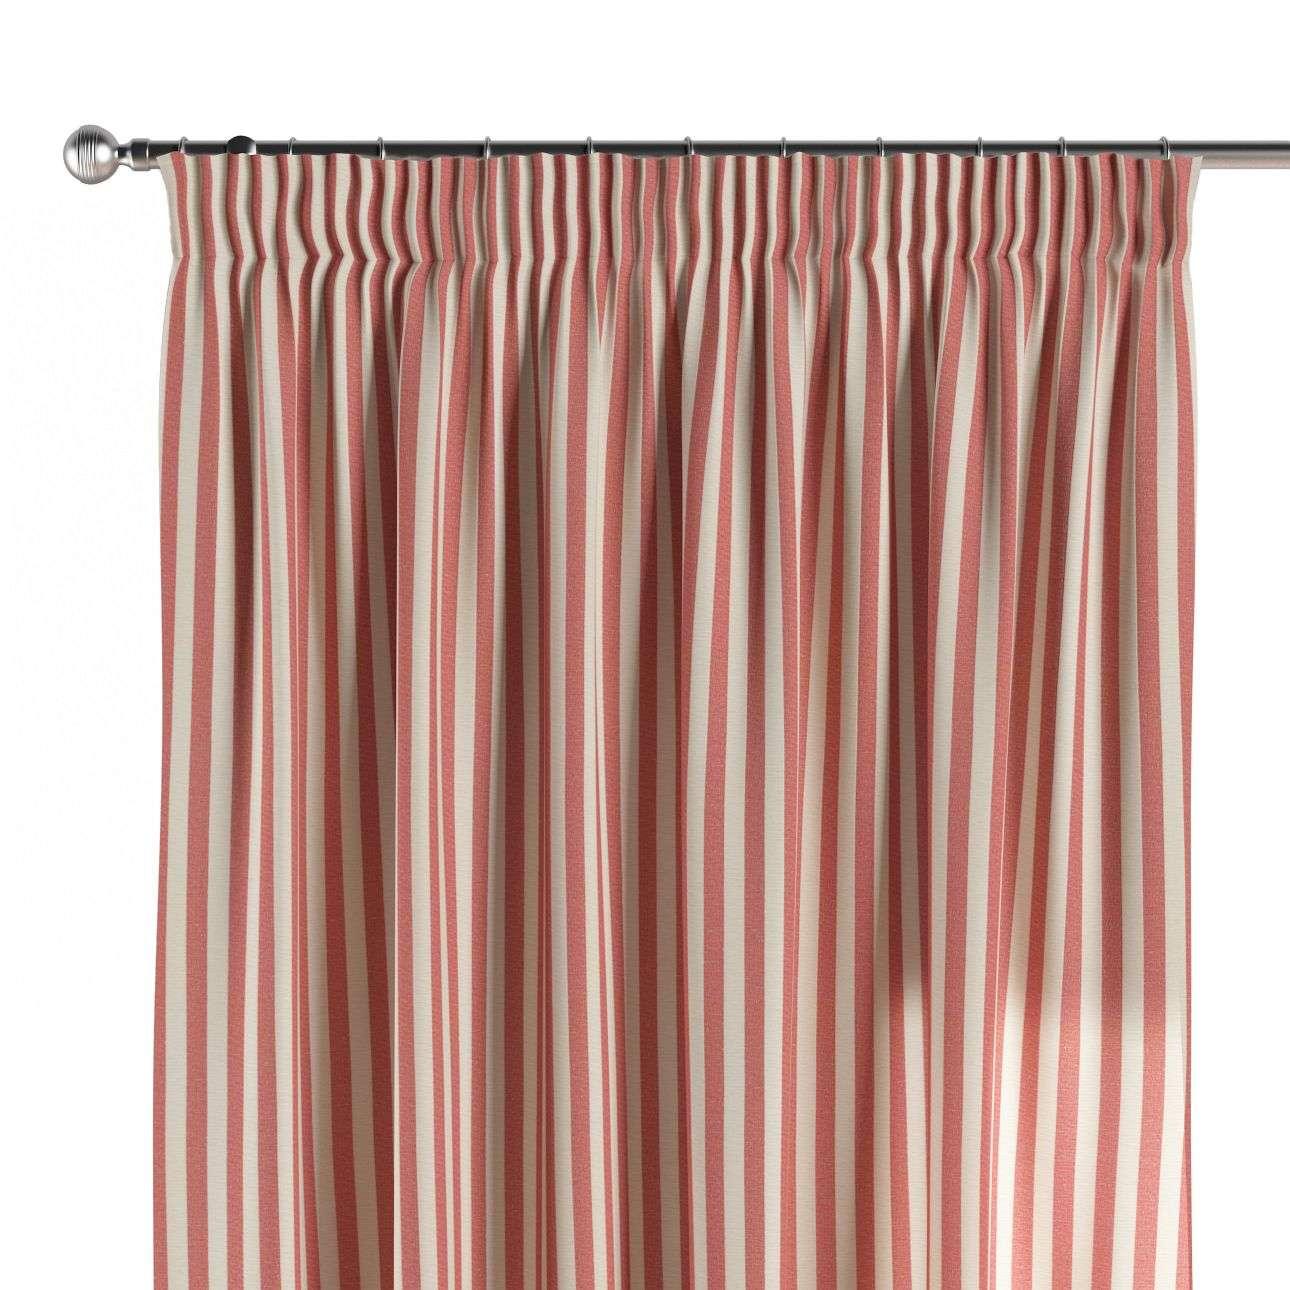 Függöny ráncolóval 130 x 260 cm a kollekcióból Lakástextil Quadro, Dekoranyag: 136-17